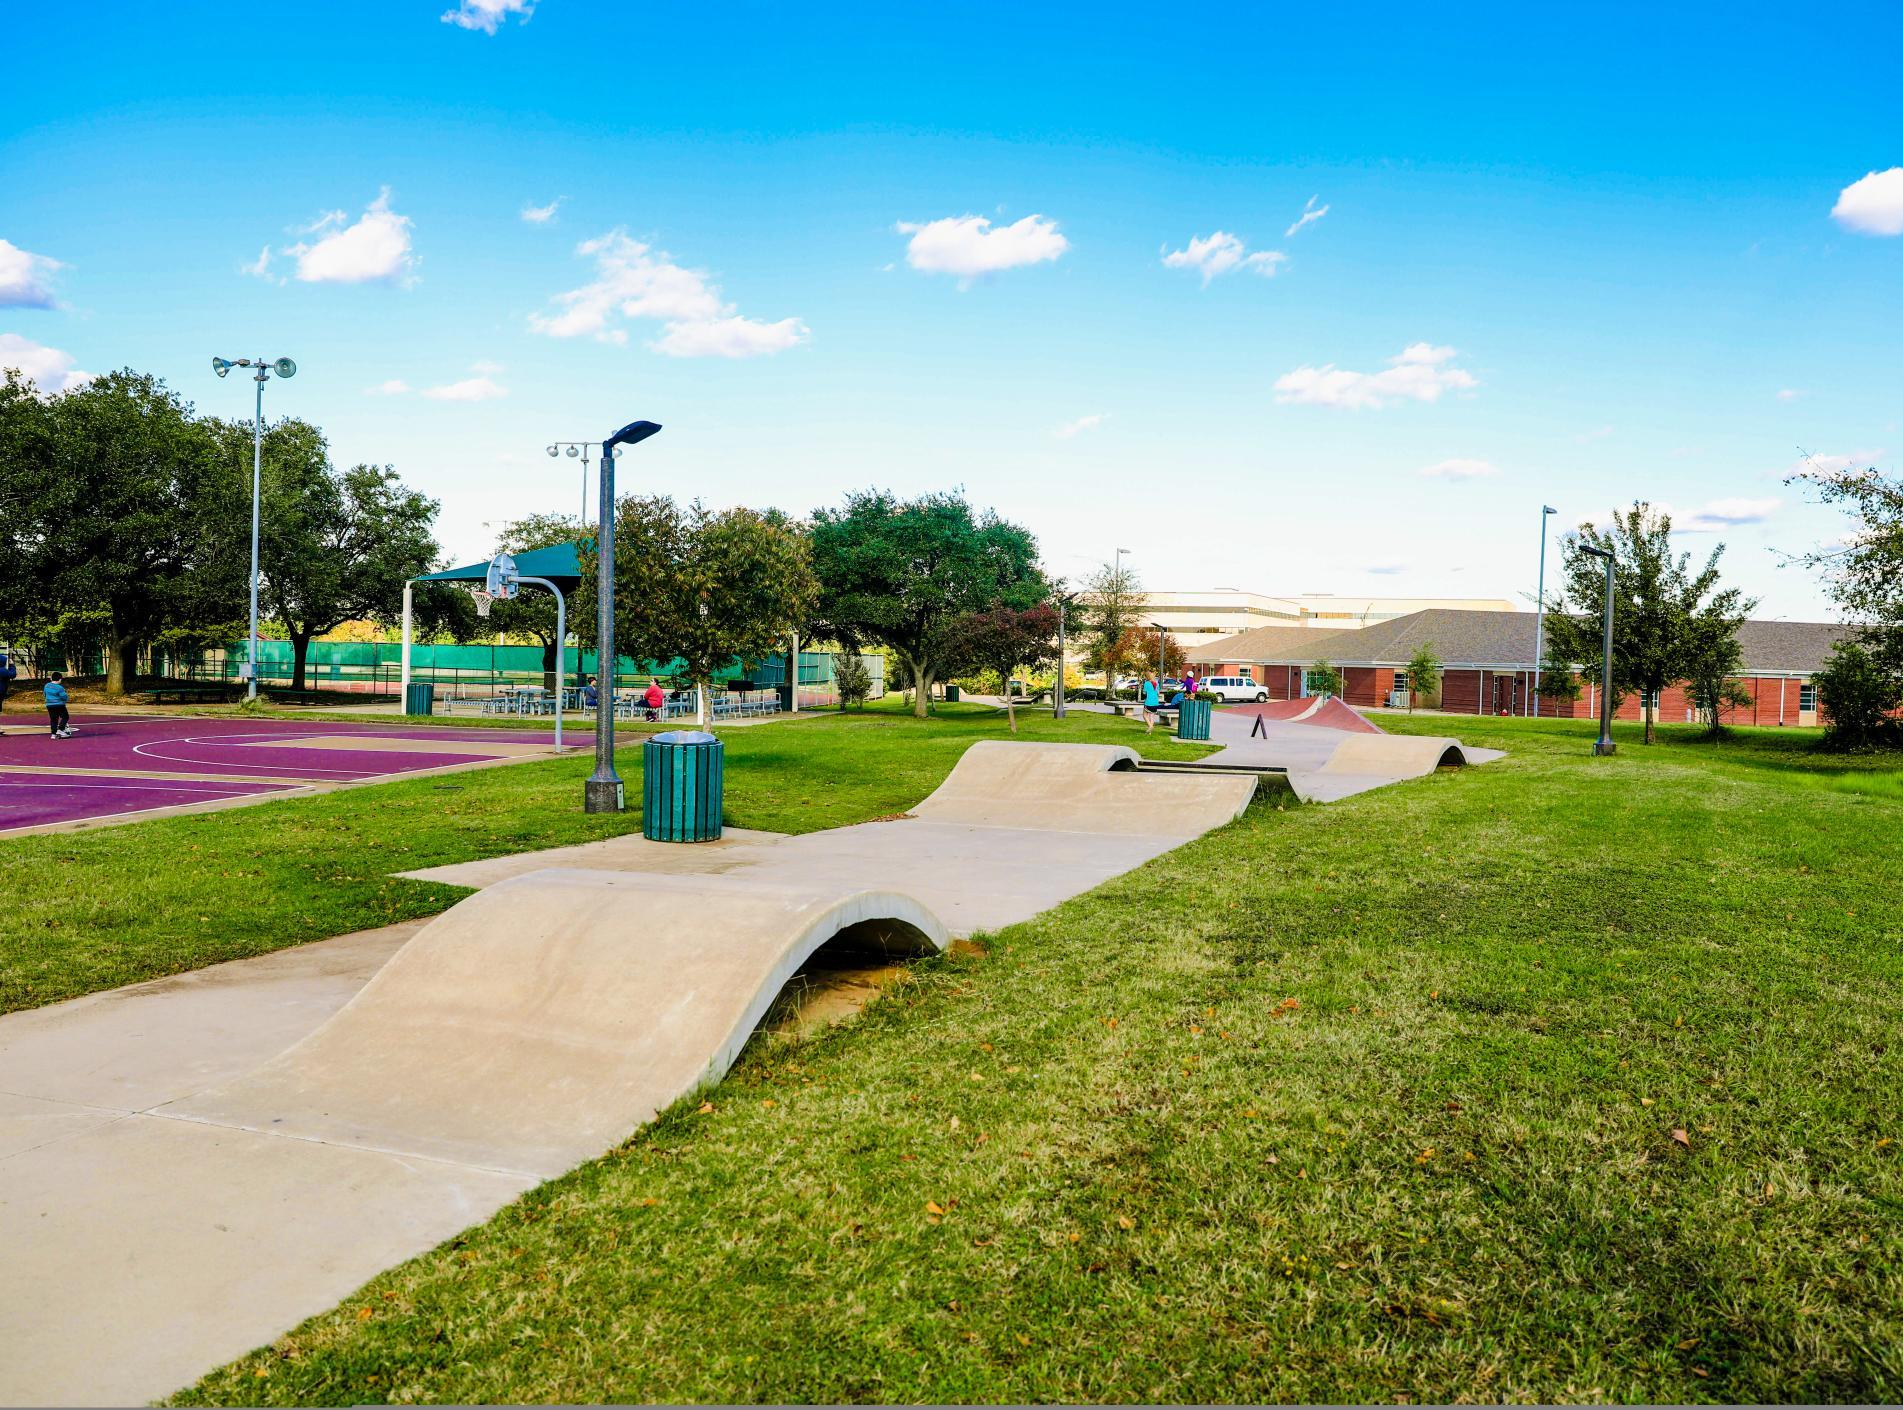 G. Hysmith Skate Park